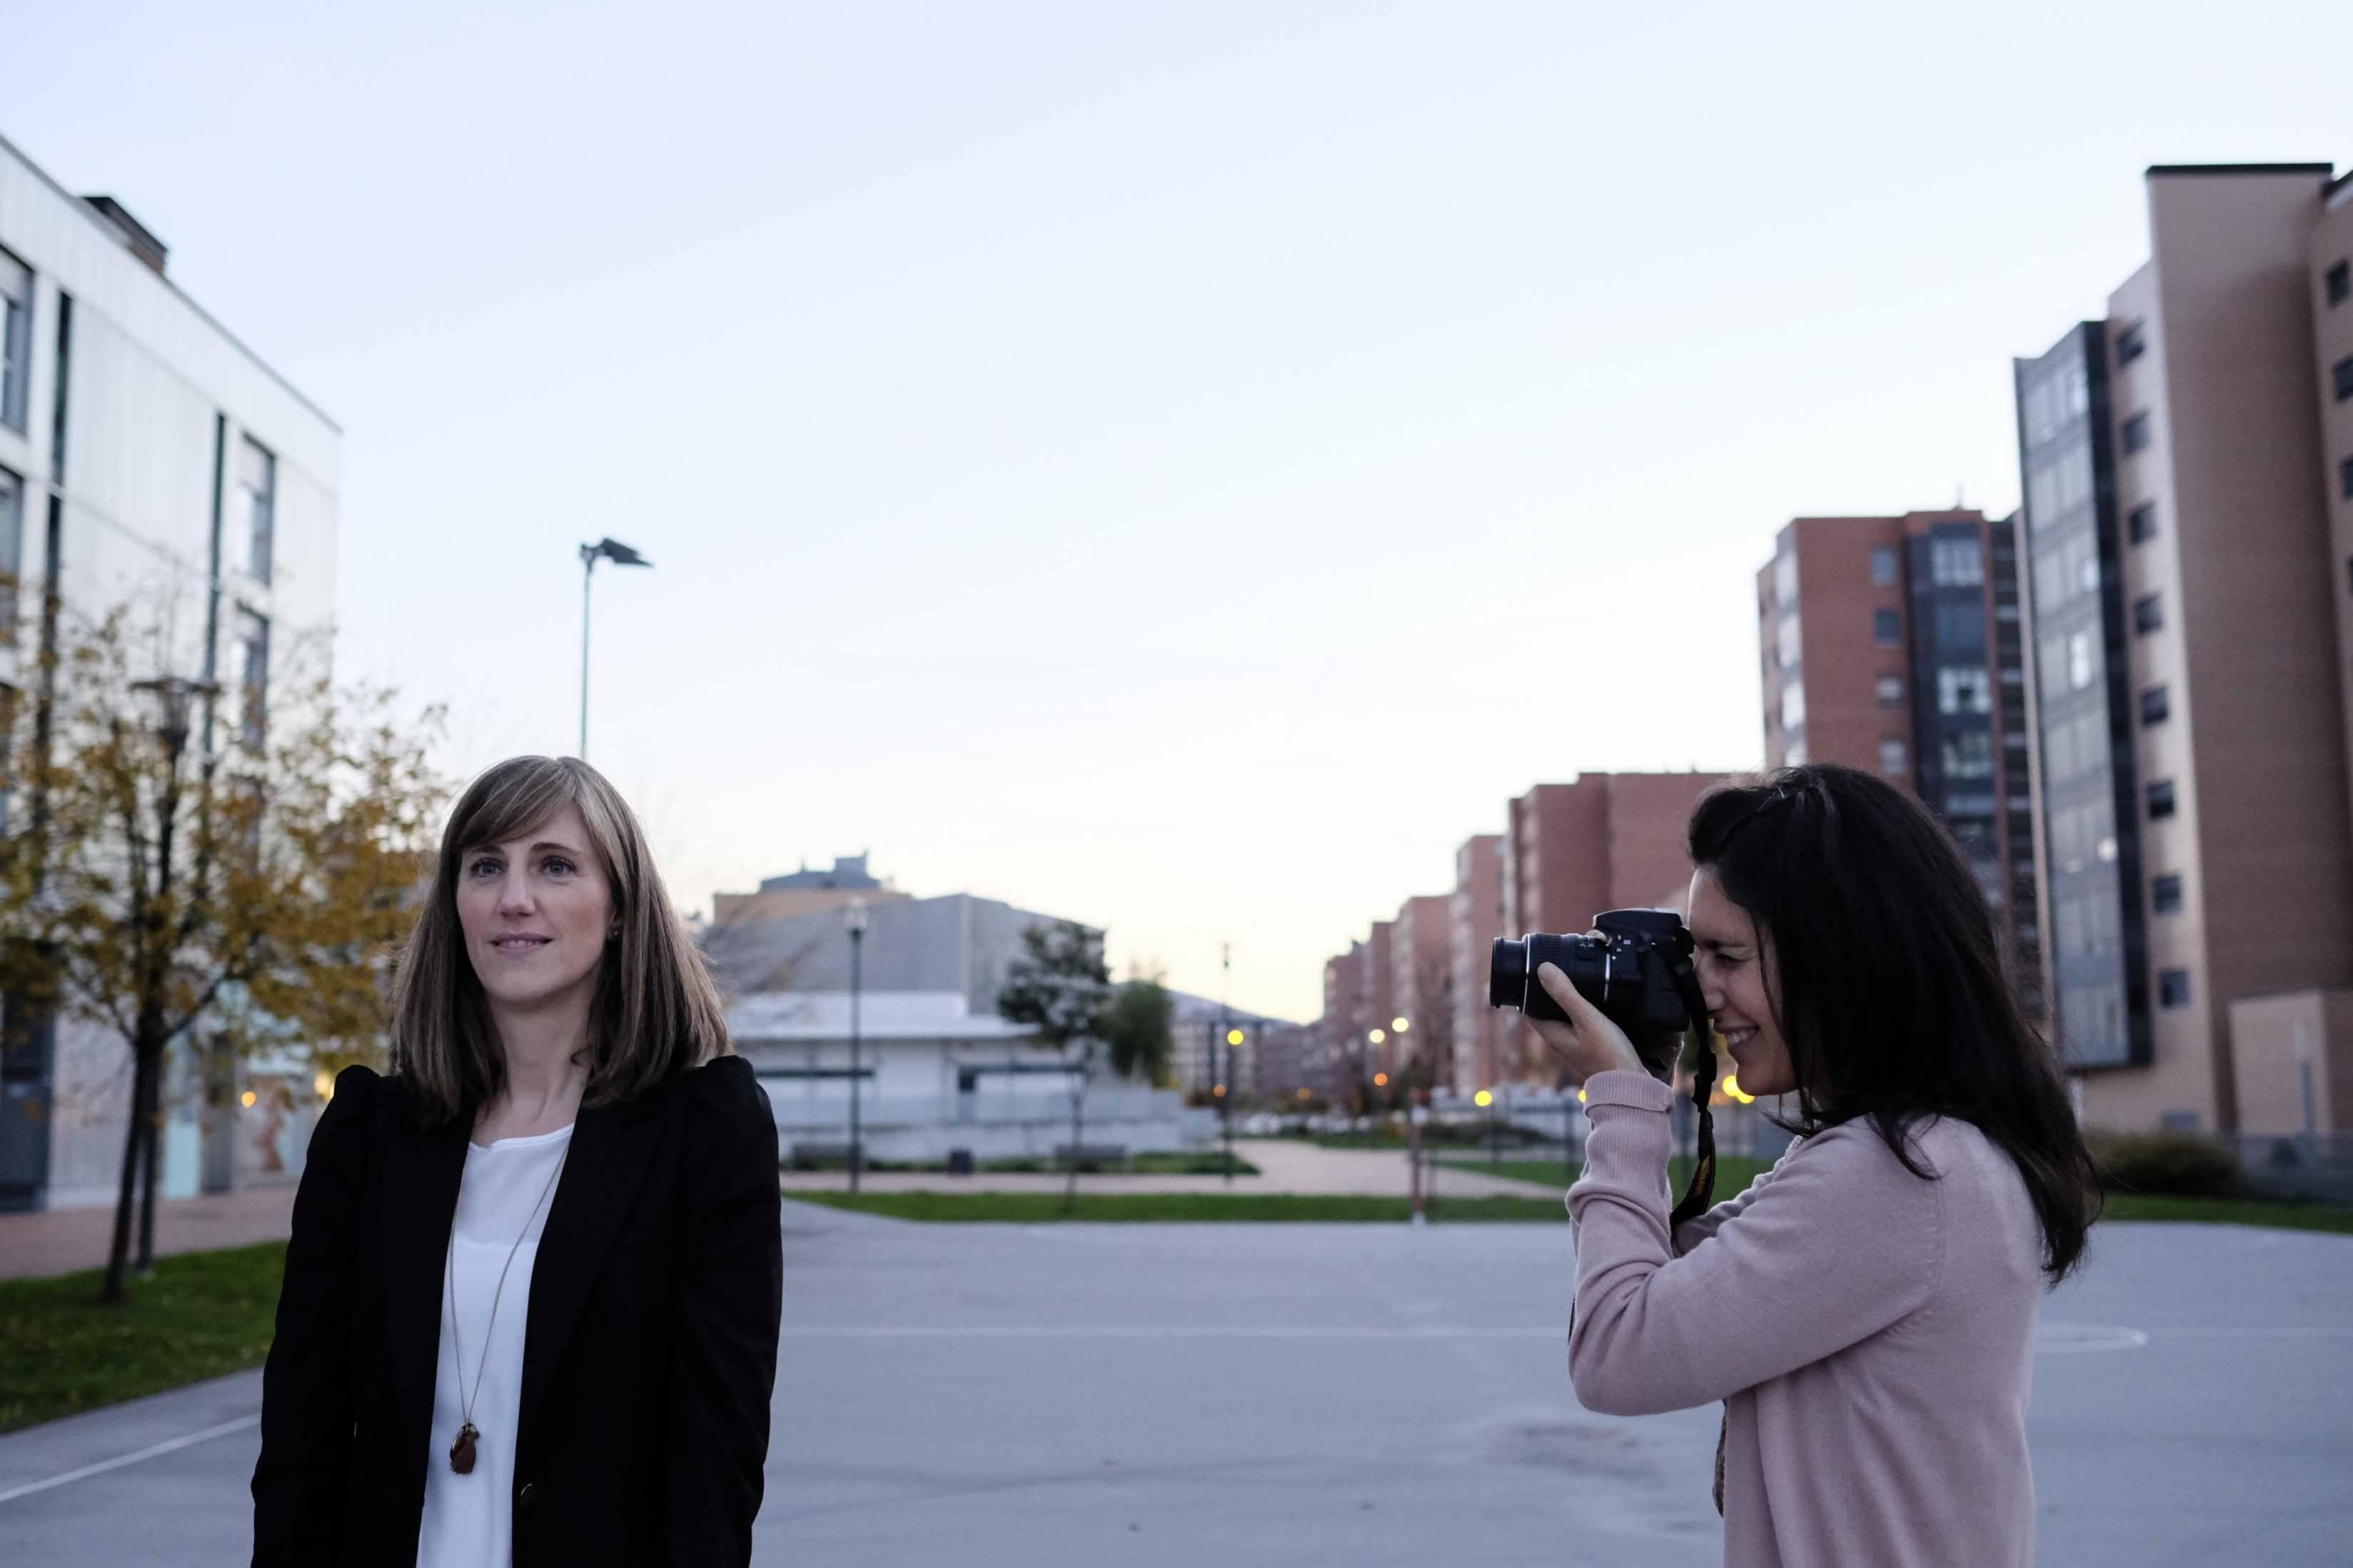 Cursos de Iniciación a la fotografía en Gasteiz Vitoria